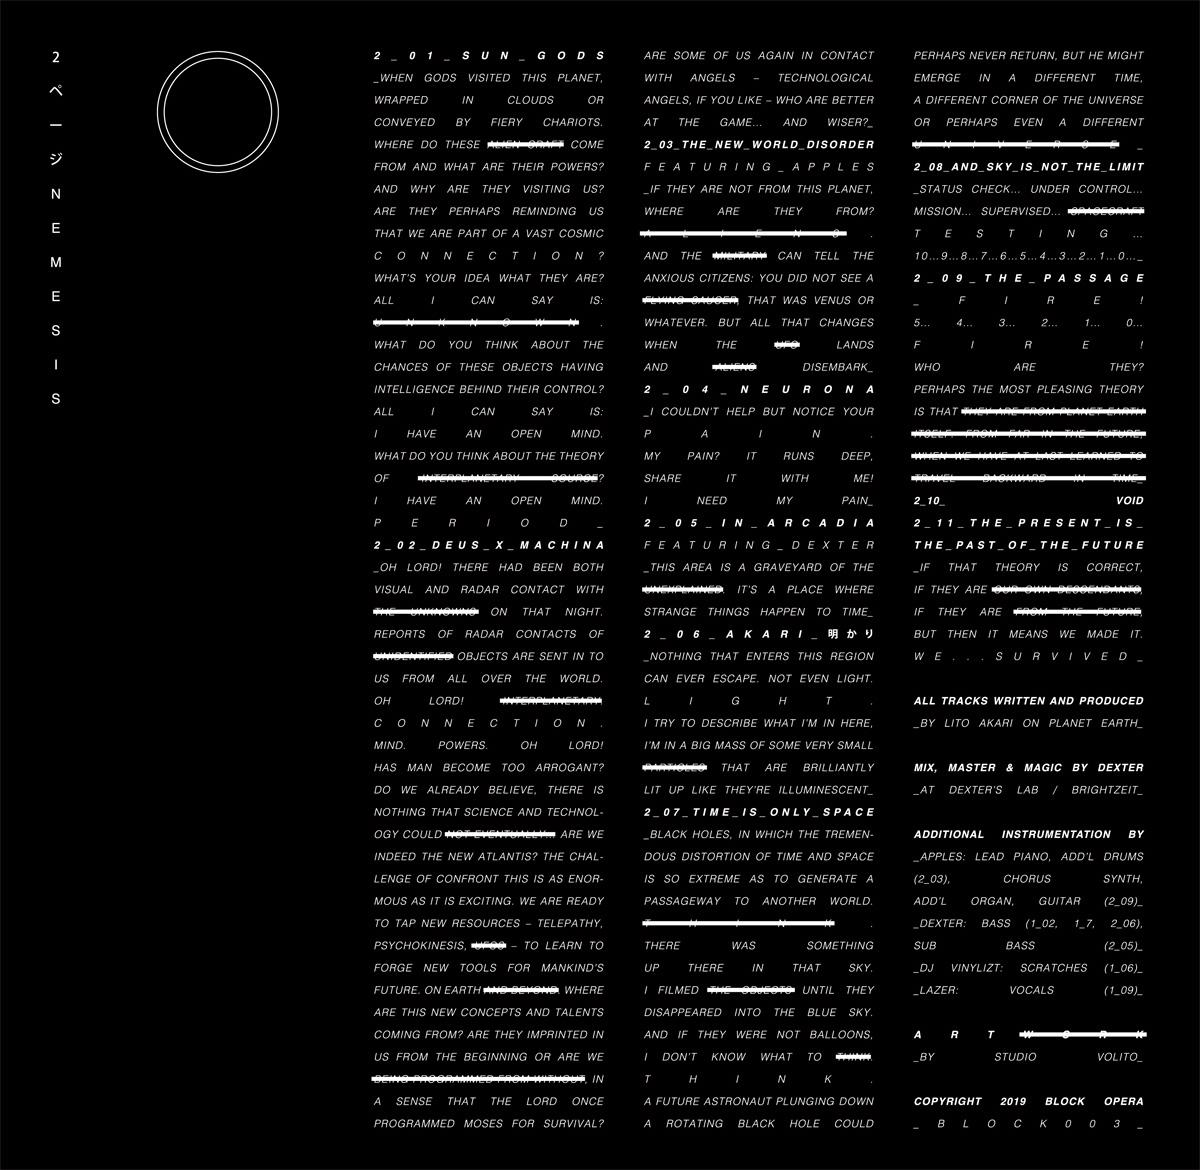 Studio Volito - Lito Akari Cover sleeve 2